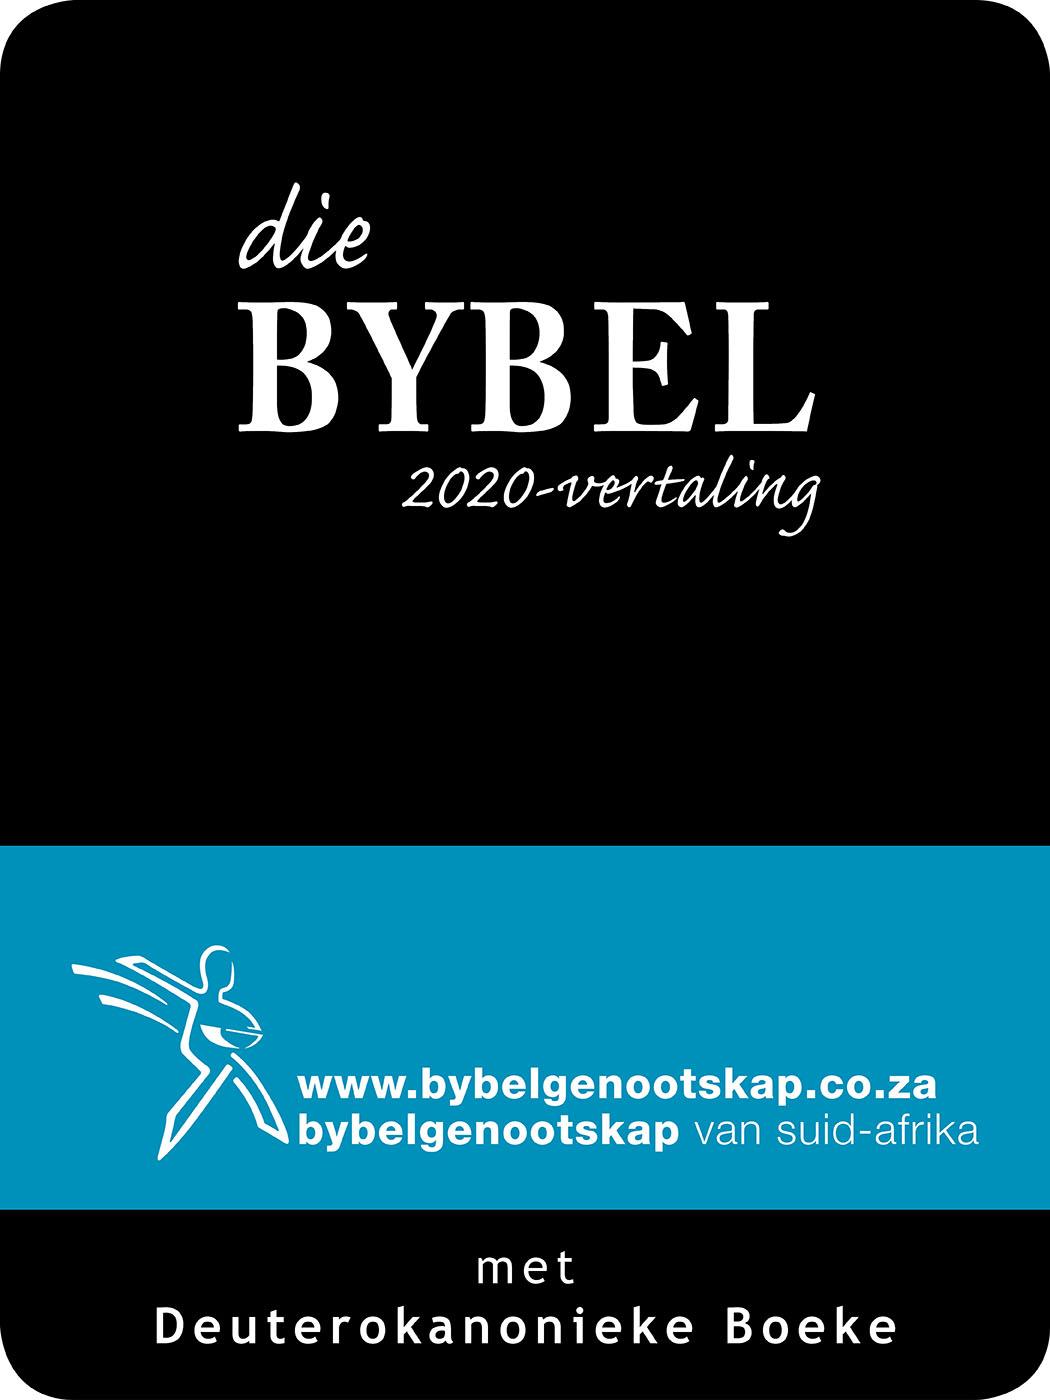 Die Bybel 2020-vertaling met Deuterokanonieke boeke